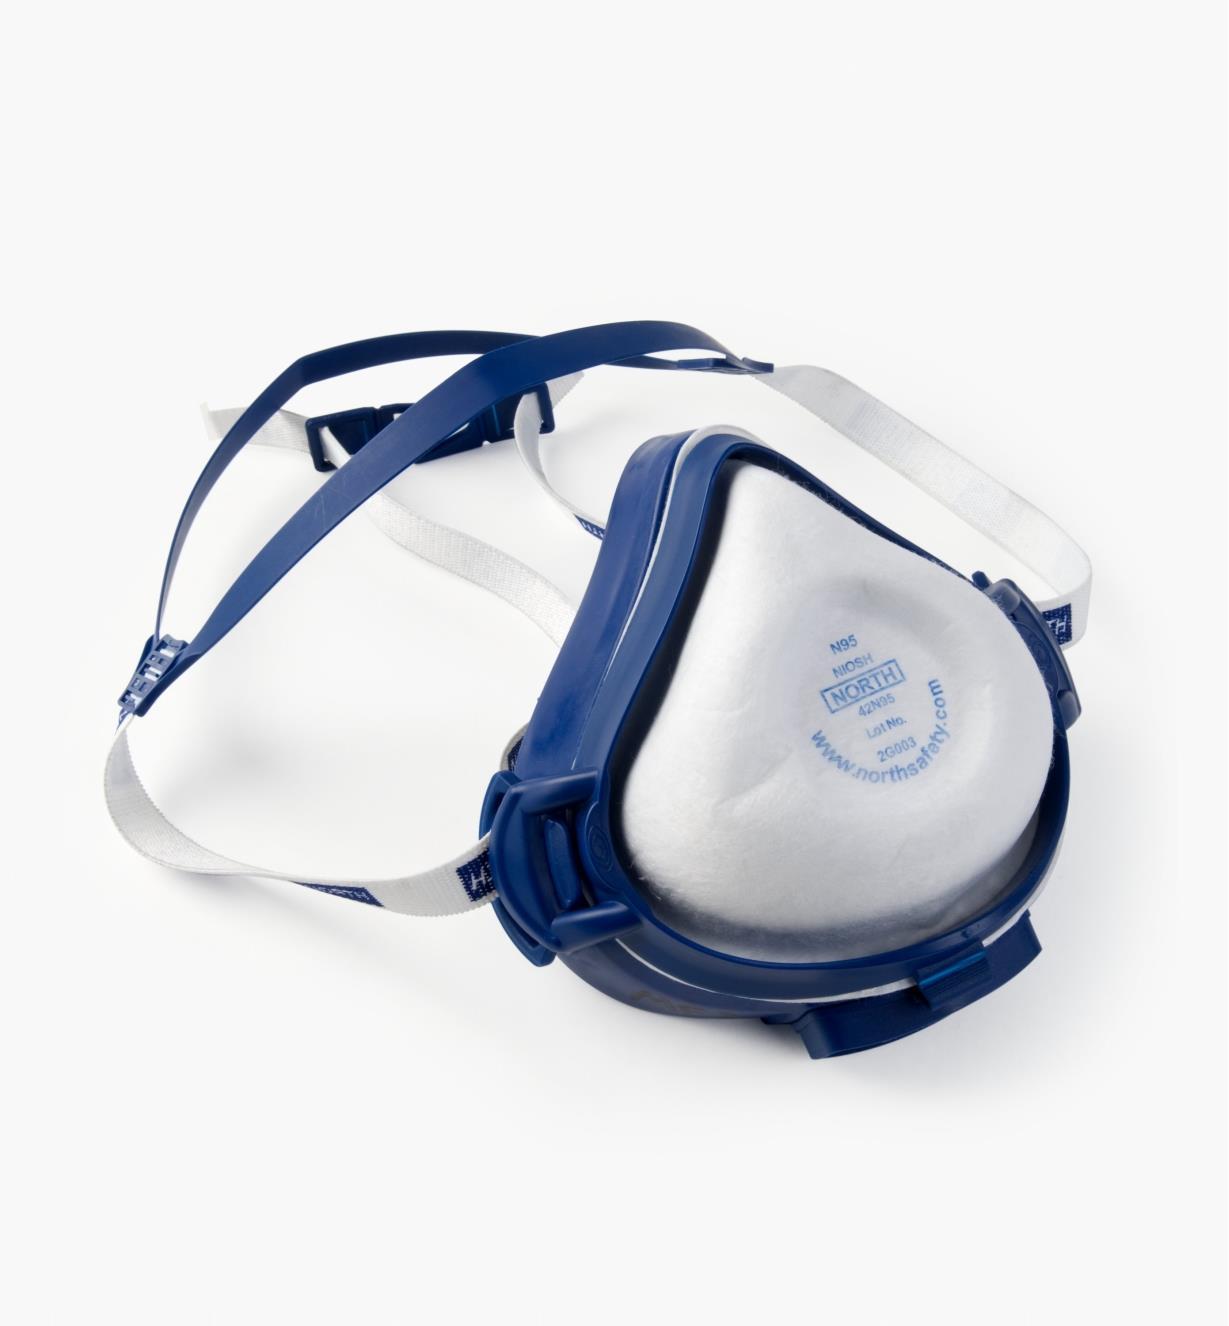 22R2033 - Large Respirator